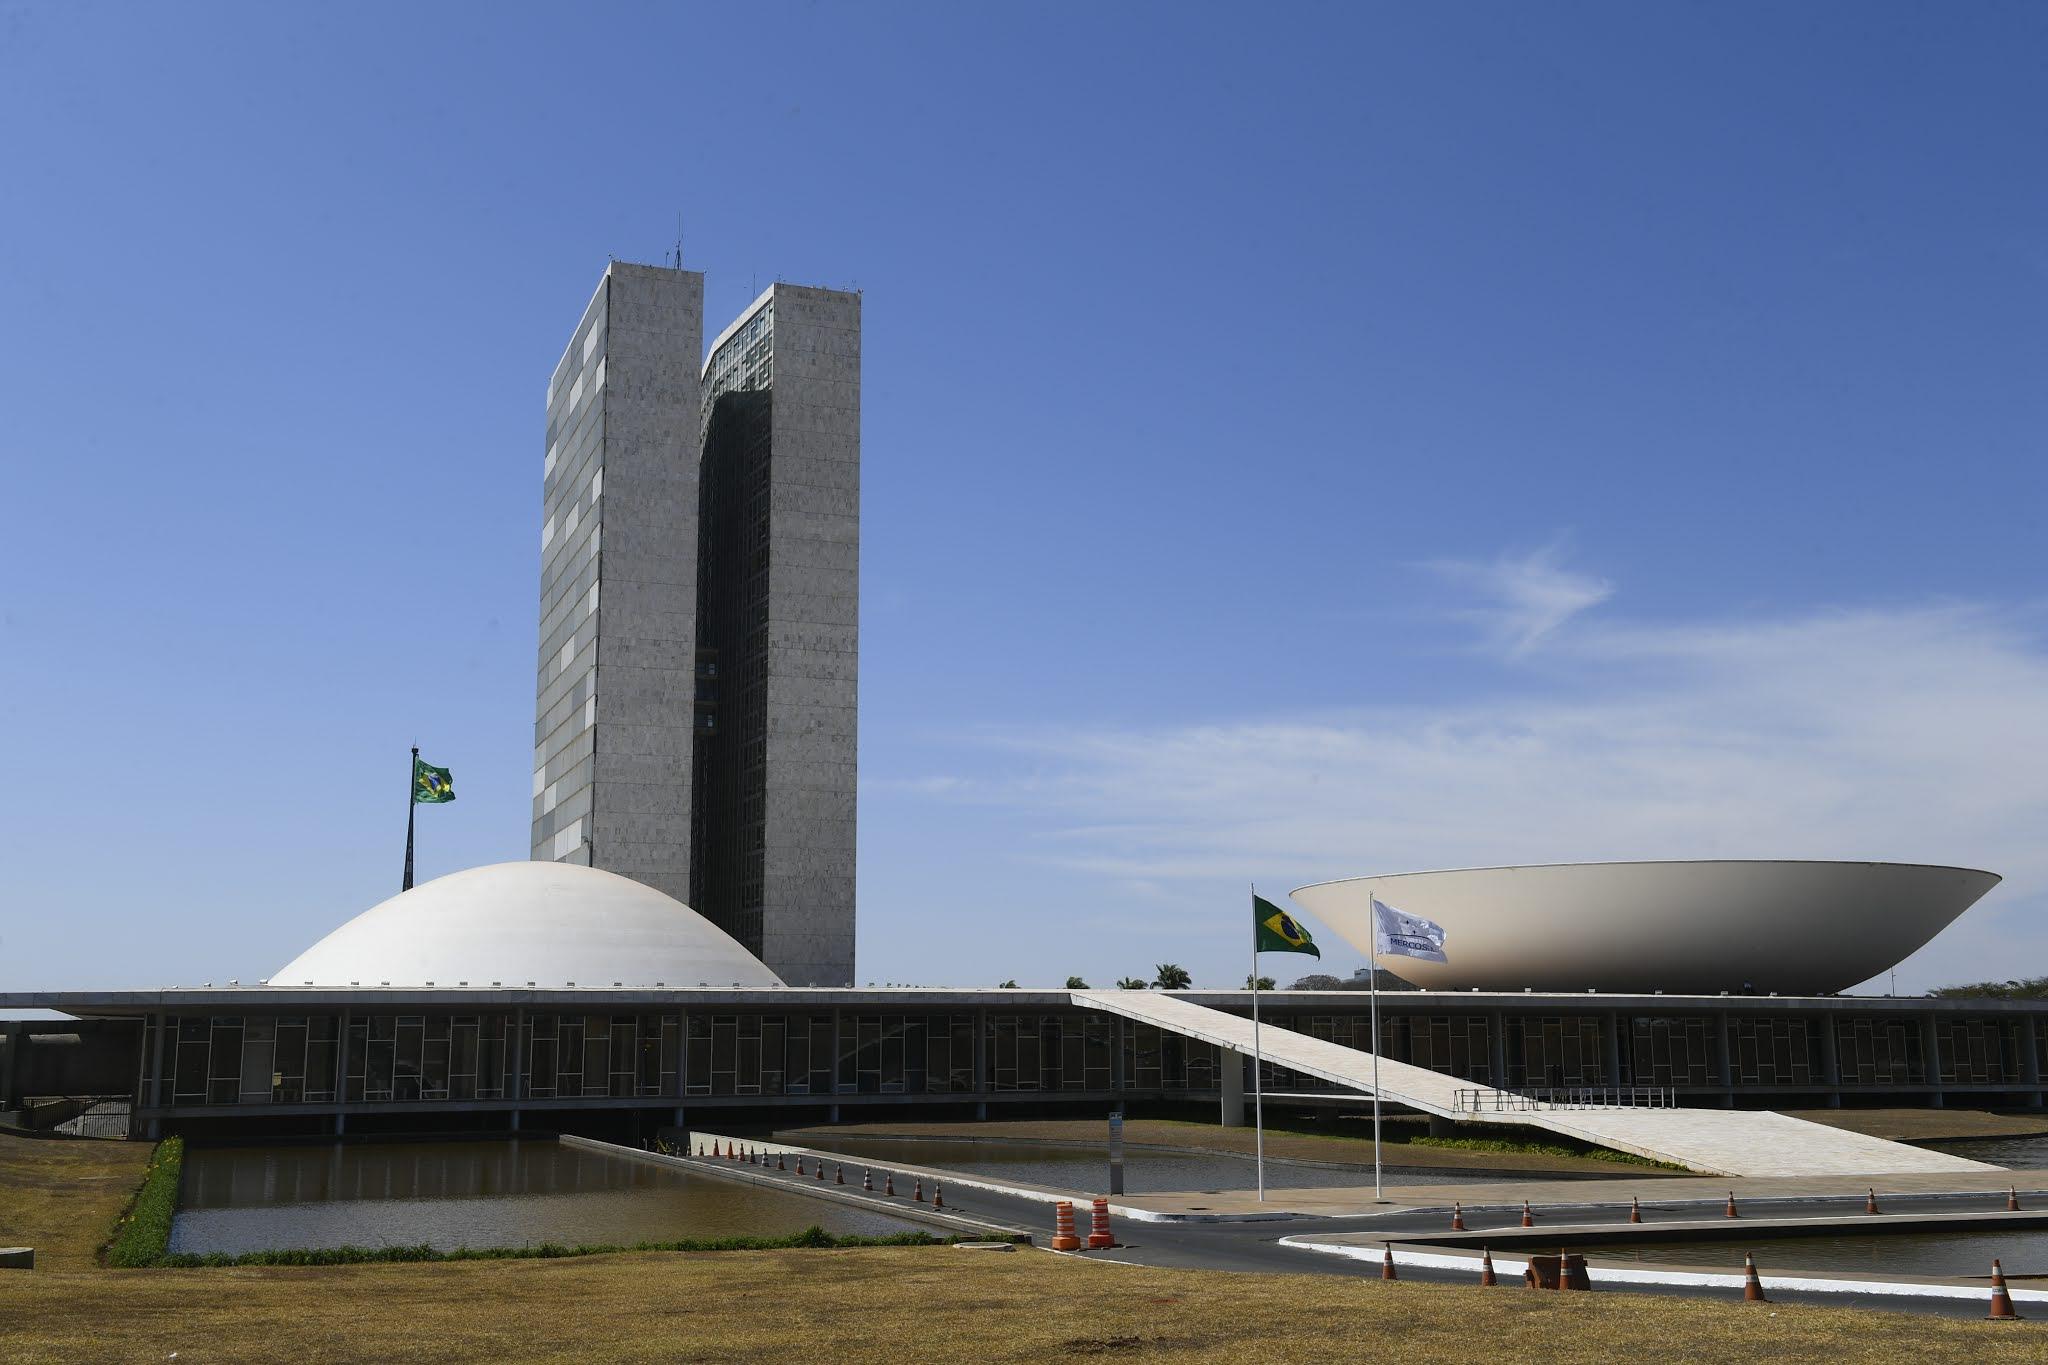 Orçamento da Câmara dos Deputados e Senado é maior do que 99,9% das cidades brasileiras